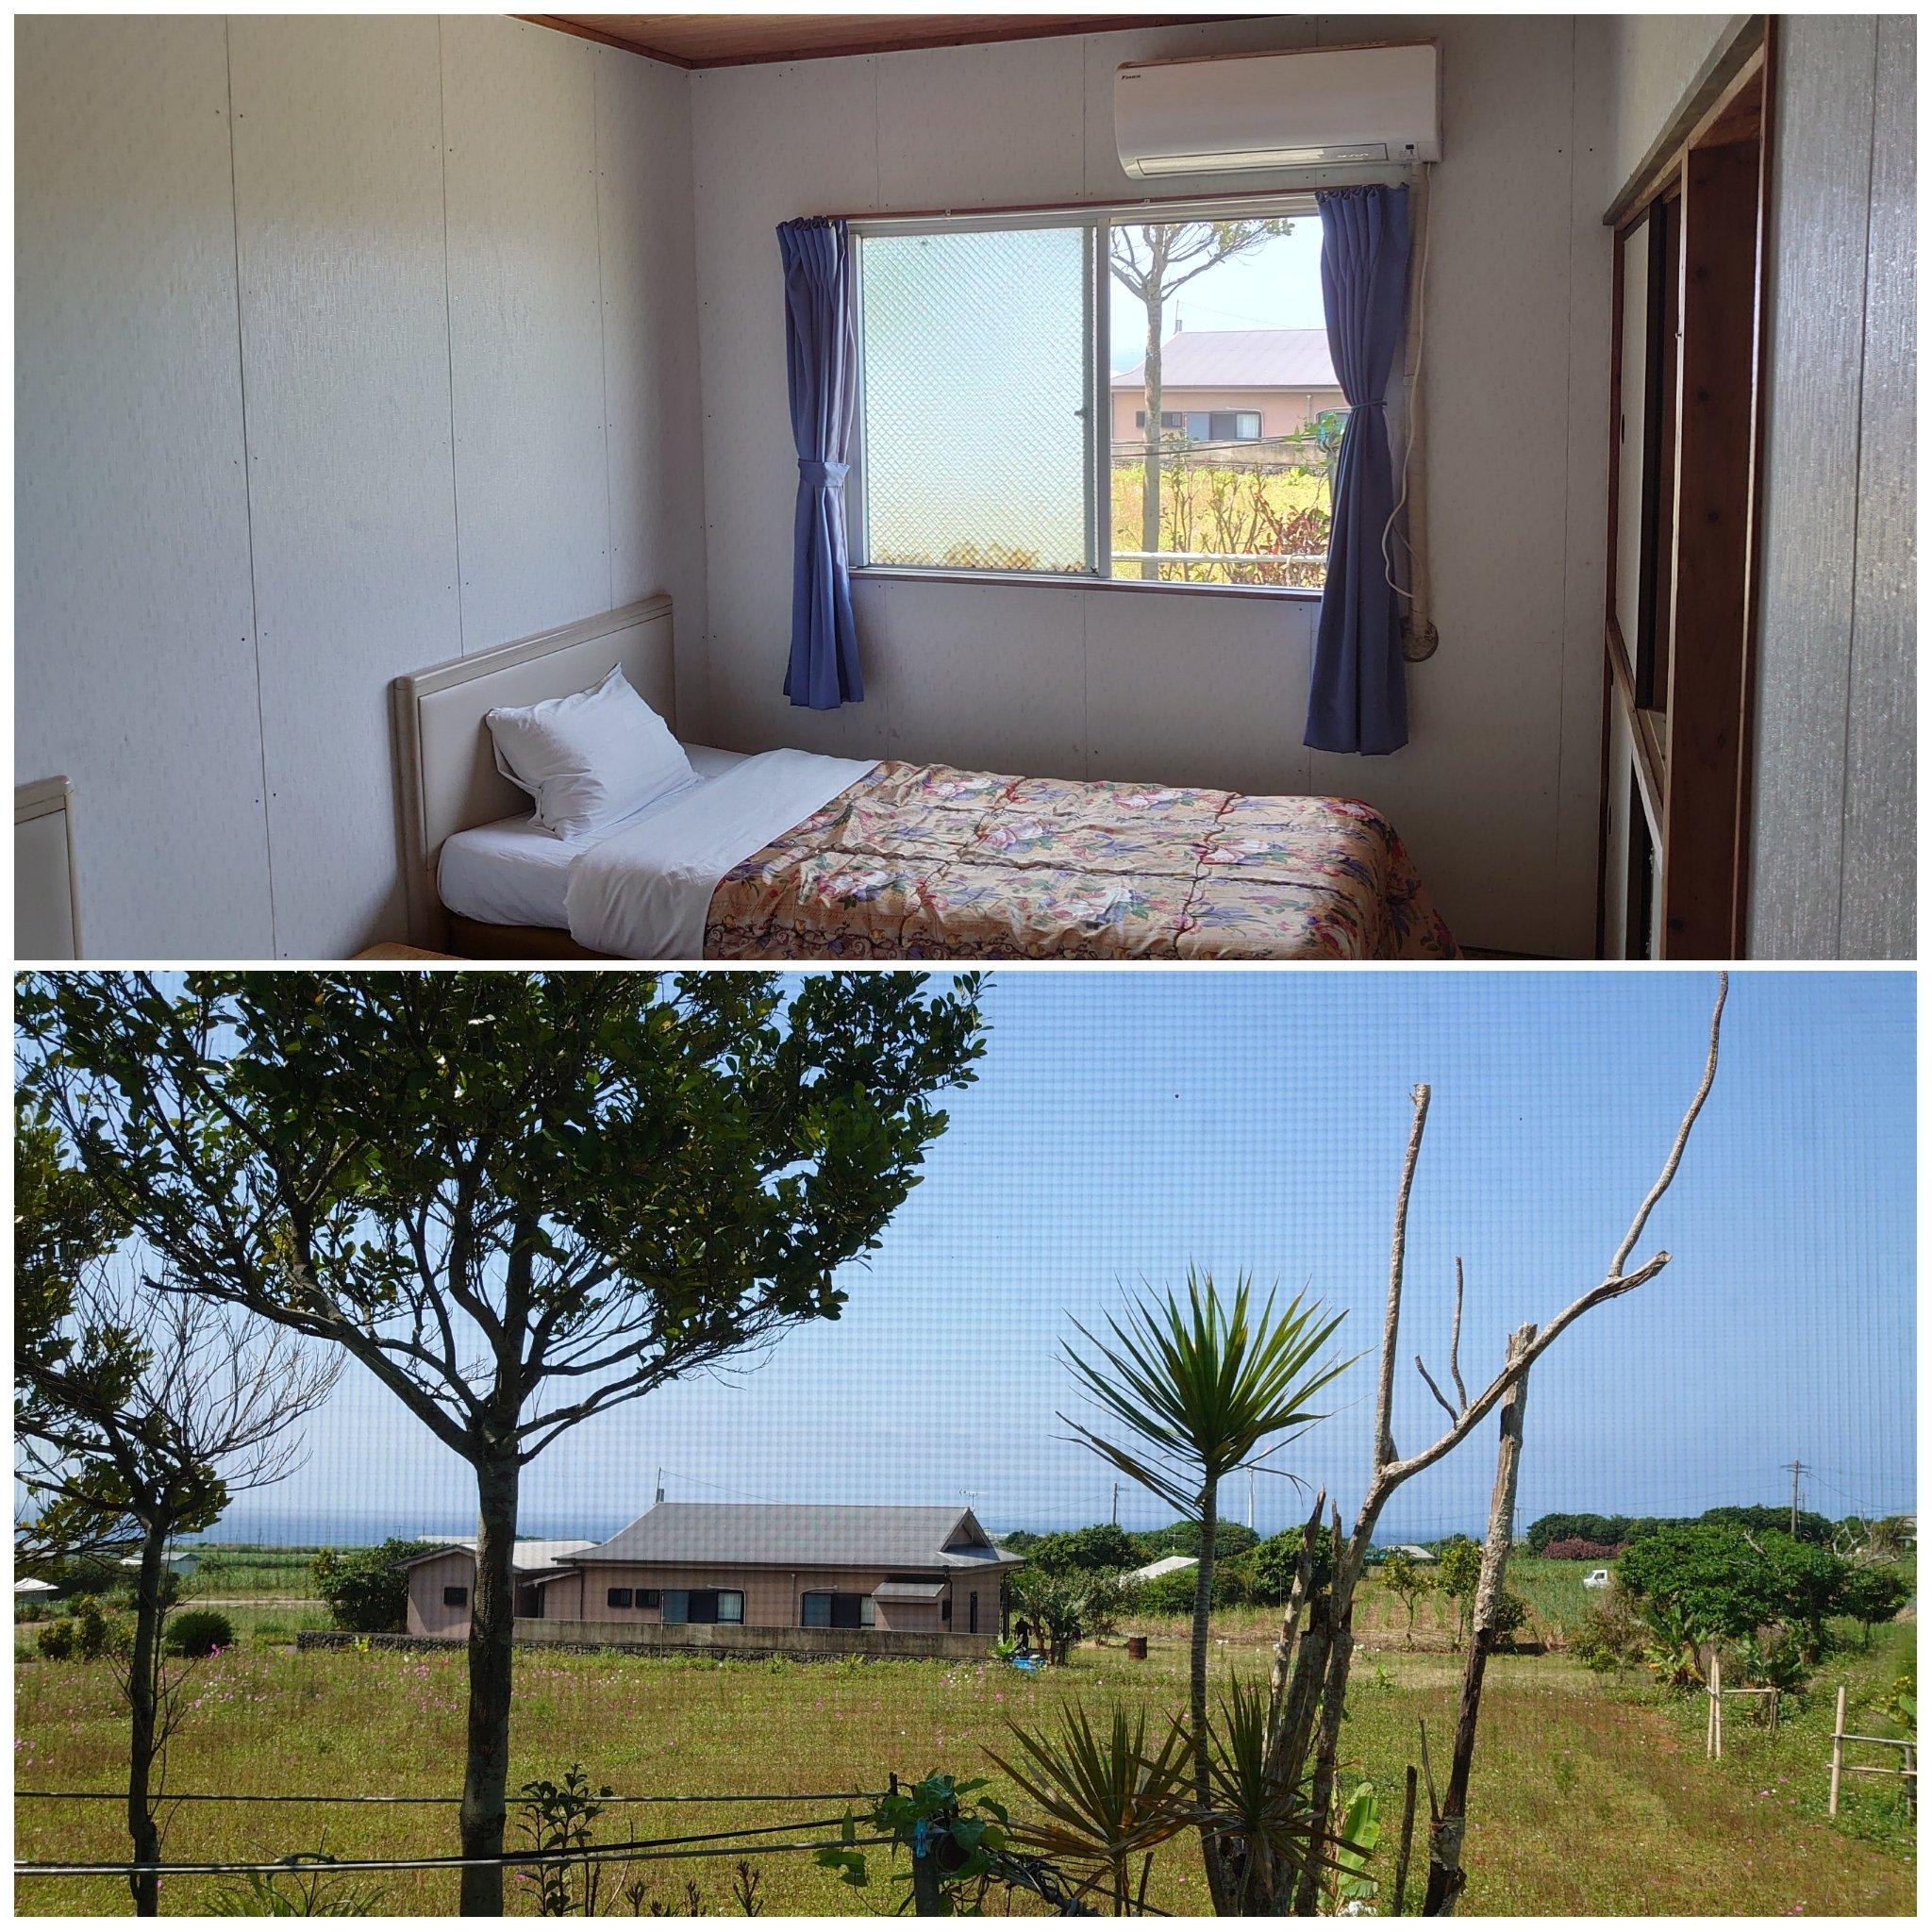 鹿児島県|与論島|星砂荘|民宿|宿泊|お部屋(ベッド)